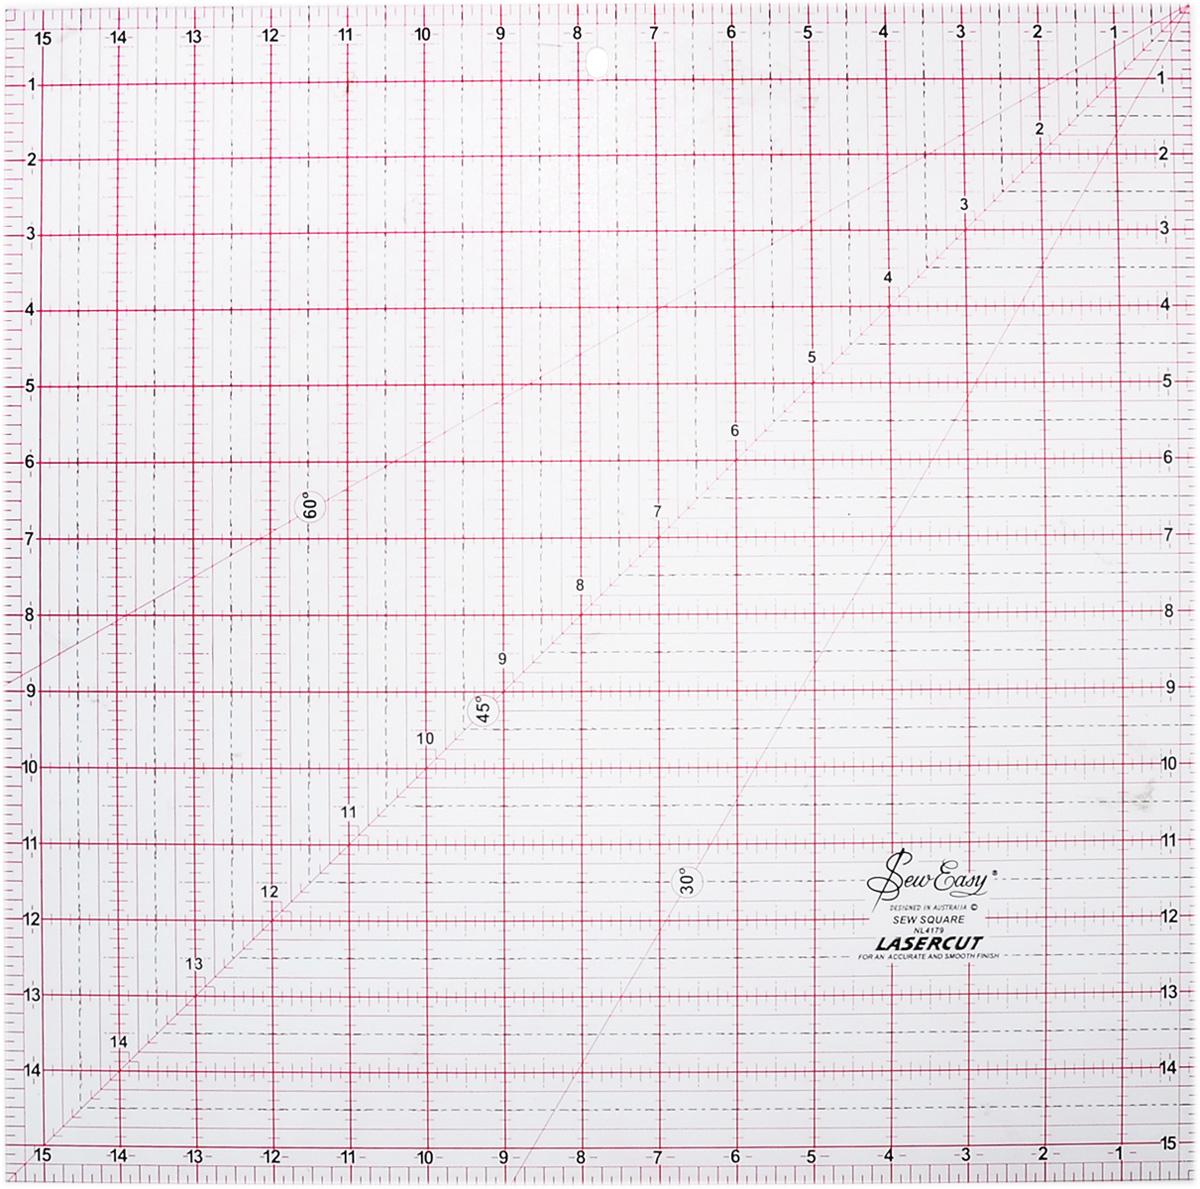 Линейка для пэчворка Hemline, с градацией в дюймах, 15 1/2 x 15 1/2 (39,37 х 39,37 см)NL4179Линейка для пэчворка Hemline квадратной формы используется для разметки и раскроя больших блоков и задней части квилтов. Идеальна для раскроя больших треугольников и ромбов. Удобна для работы в изготовлении предметов домашнего декора. Имеются линии разметки под углом 30°, 45° и 60°. Изделие имеет градацию в дюймах. Прочный акрил обладает большим сроком службы, а лазерный срез края позволяет делать ровные аккуратные линии. Улучшенная двухцветная разметка со всеми необходимыми размерами делает использование простым и удобным. Размер (в дюймах): 15 1/2 x 15 1/2.